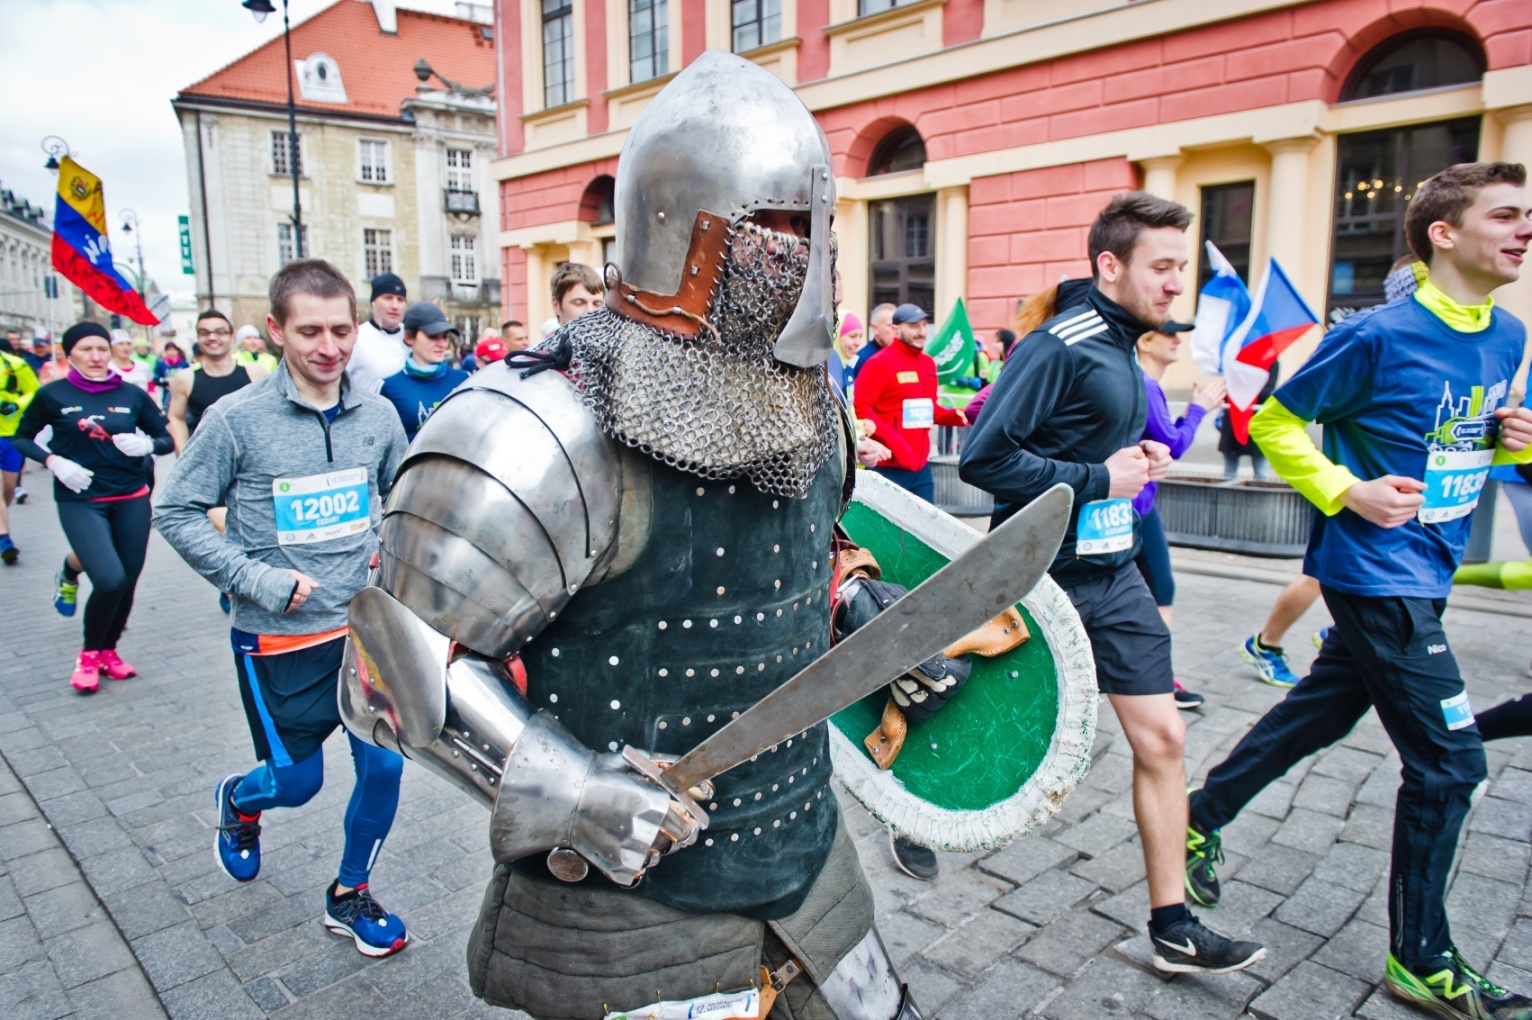 (c) Wszelkie prawa zastrzeżone, www.sportografia.pl www.pzupolmaratonwarszawski.com